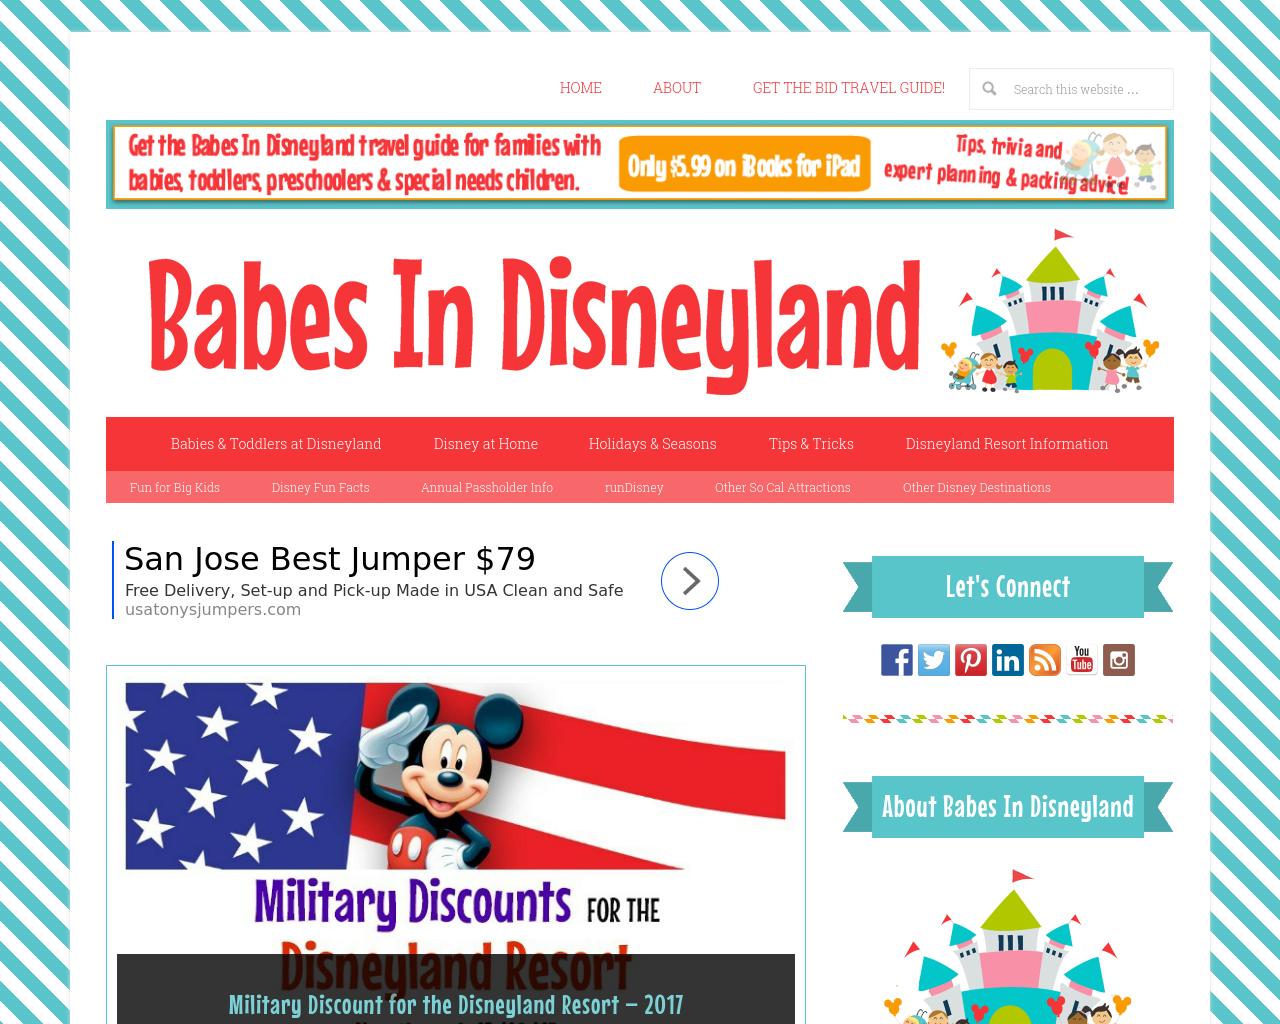 Babes-In-Disneyland-Blog-Advertising-Reviews-Pricing